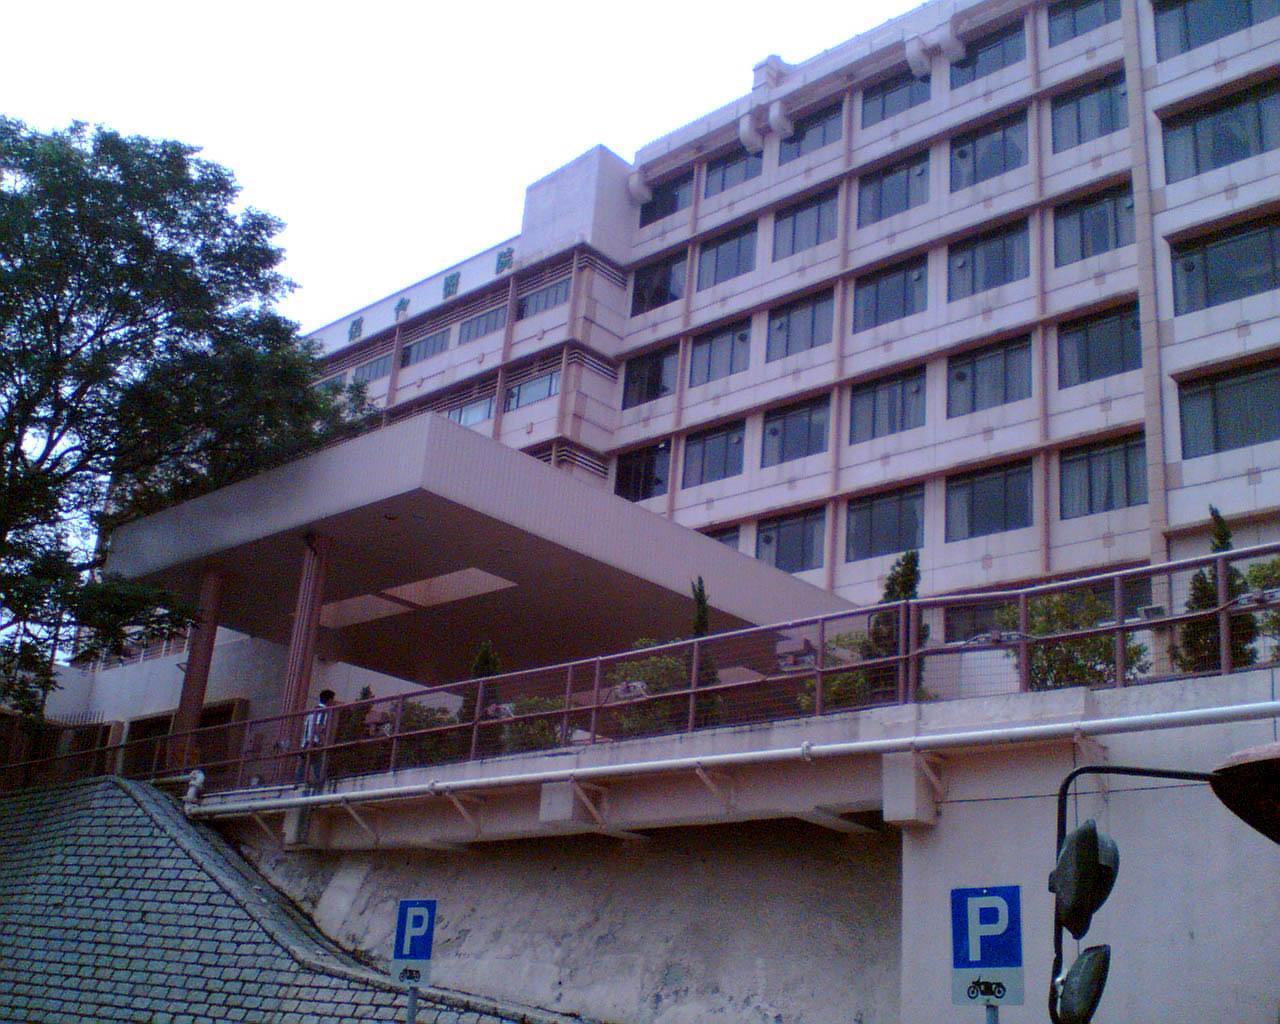 香港浸信會醫院 - 維基百科, 老師,約在窩打老道及歌和老街交界 , 校服, 交通,自由嘅百科全書